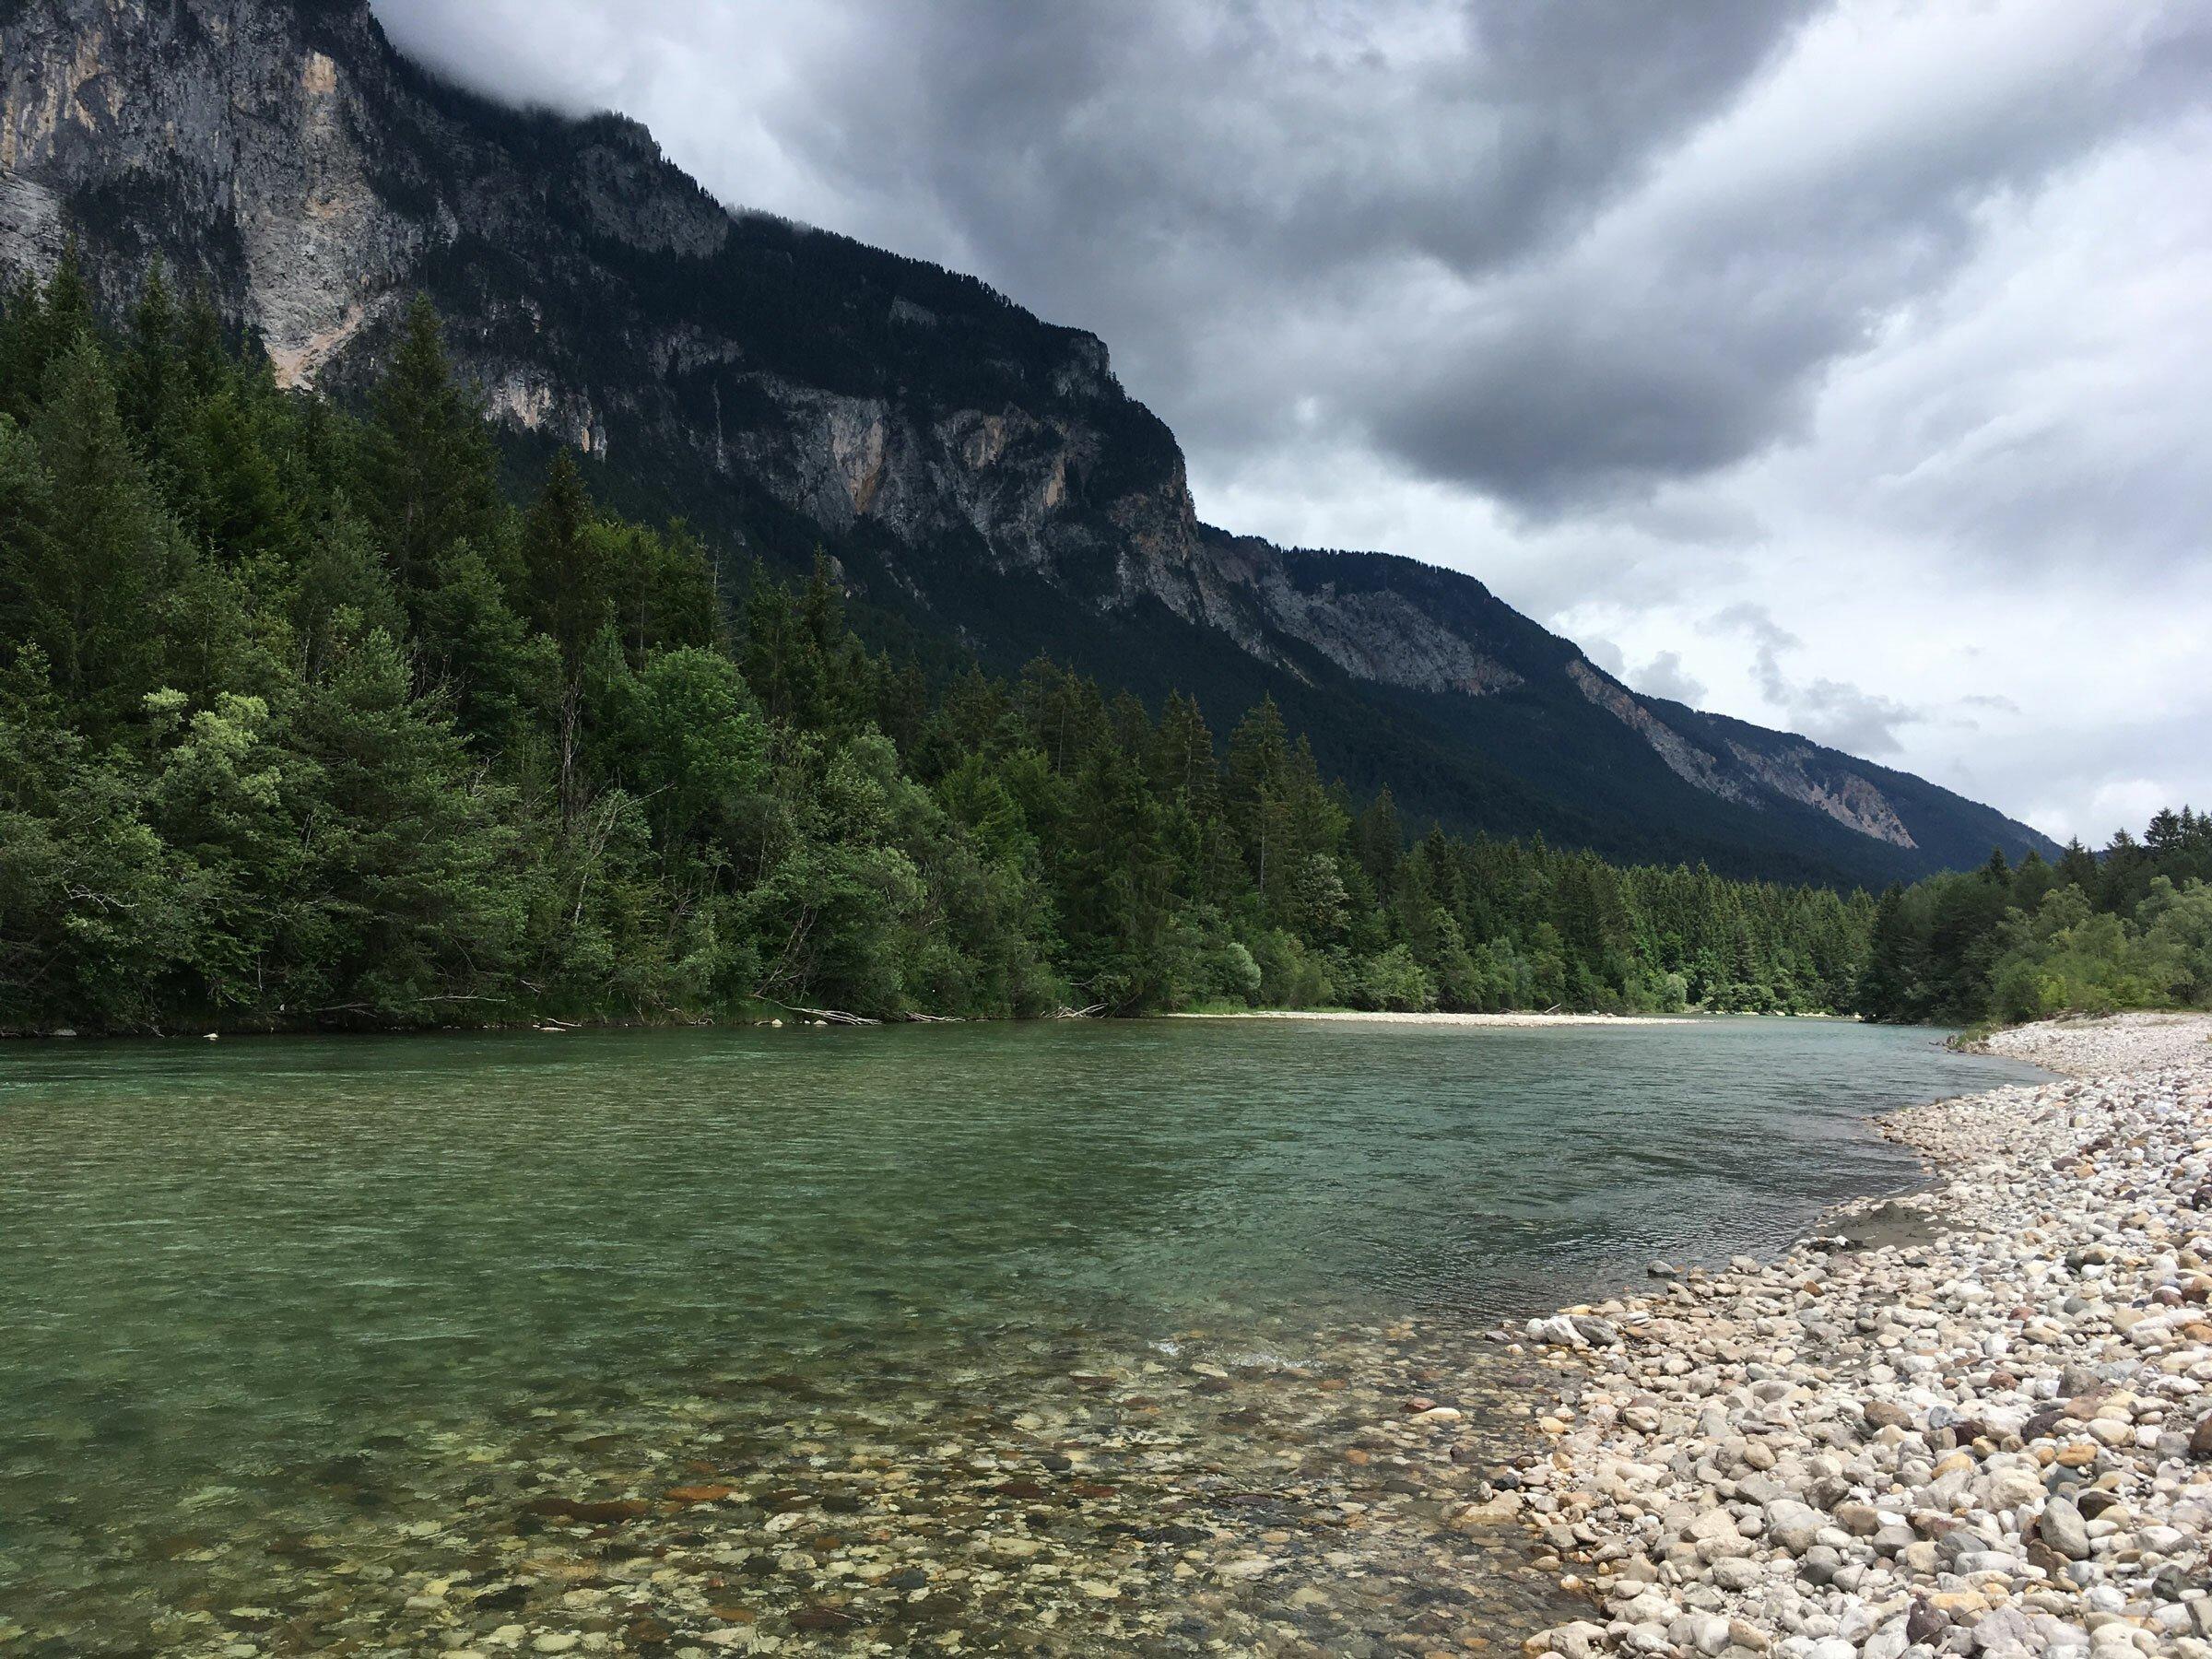 Links ragt ein Berg auf, davor ein Nadelwald und daneben ein dunkelgrüner Fluss mit Schotterufer.